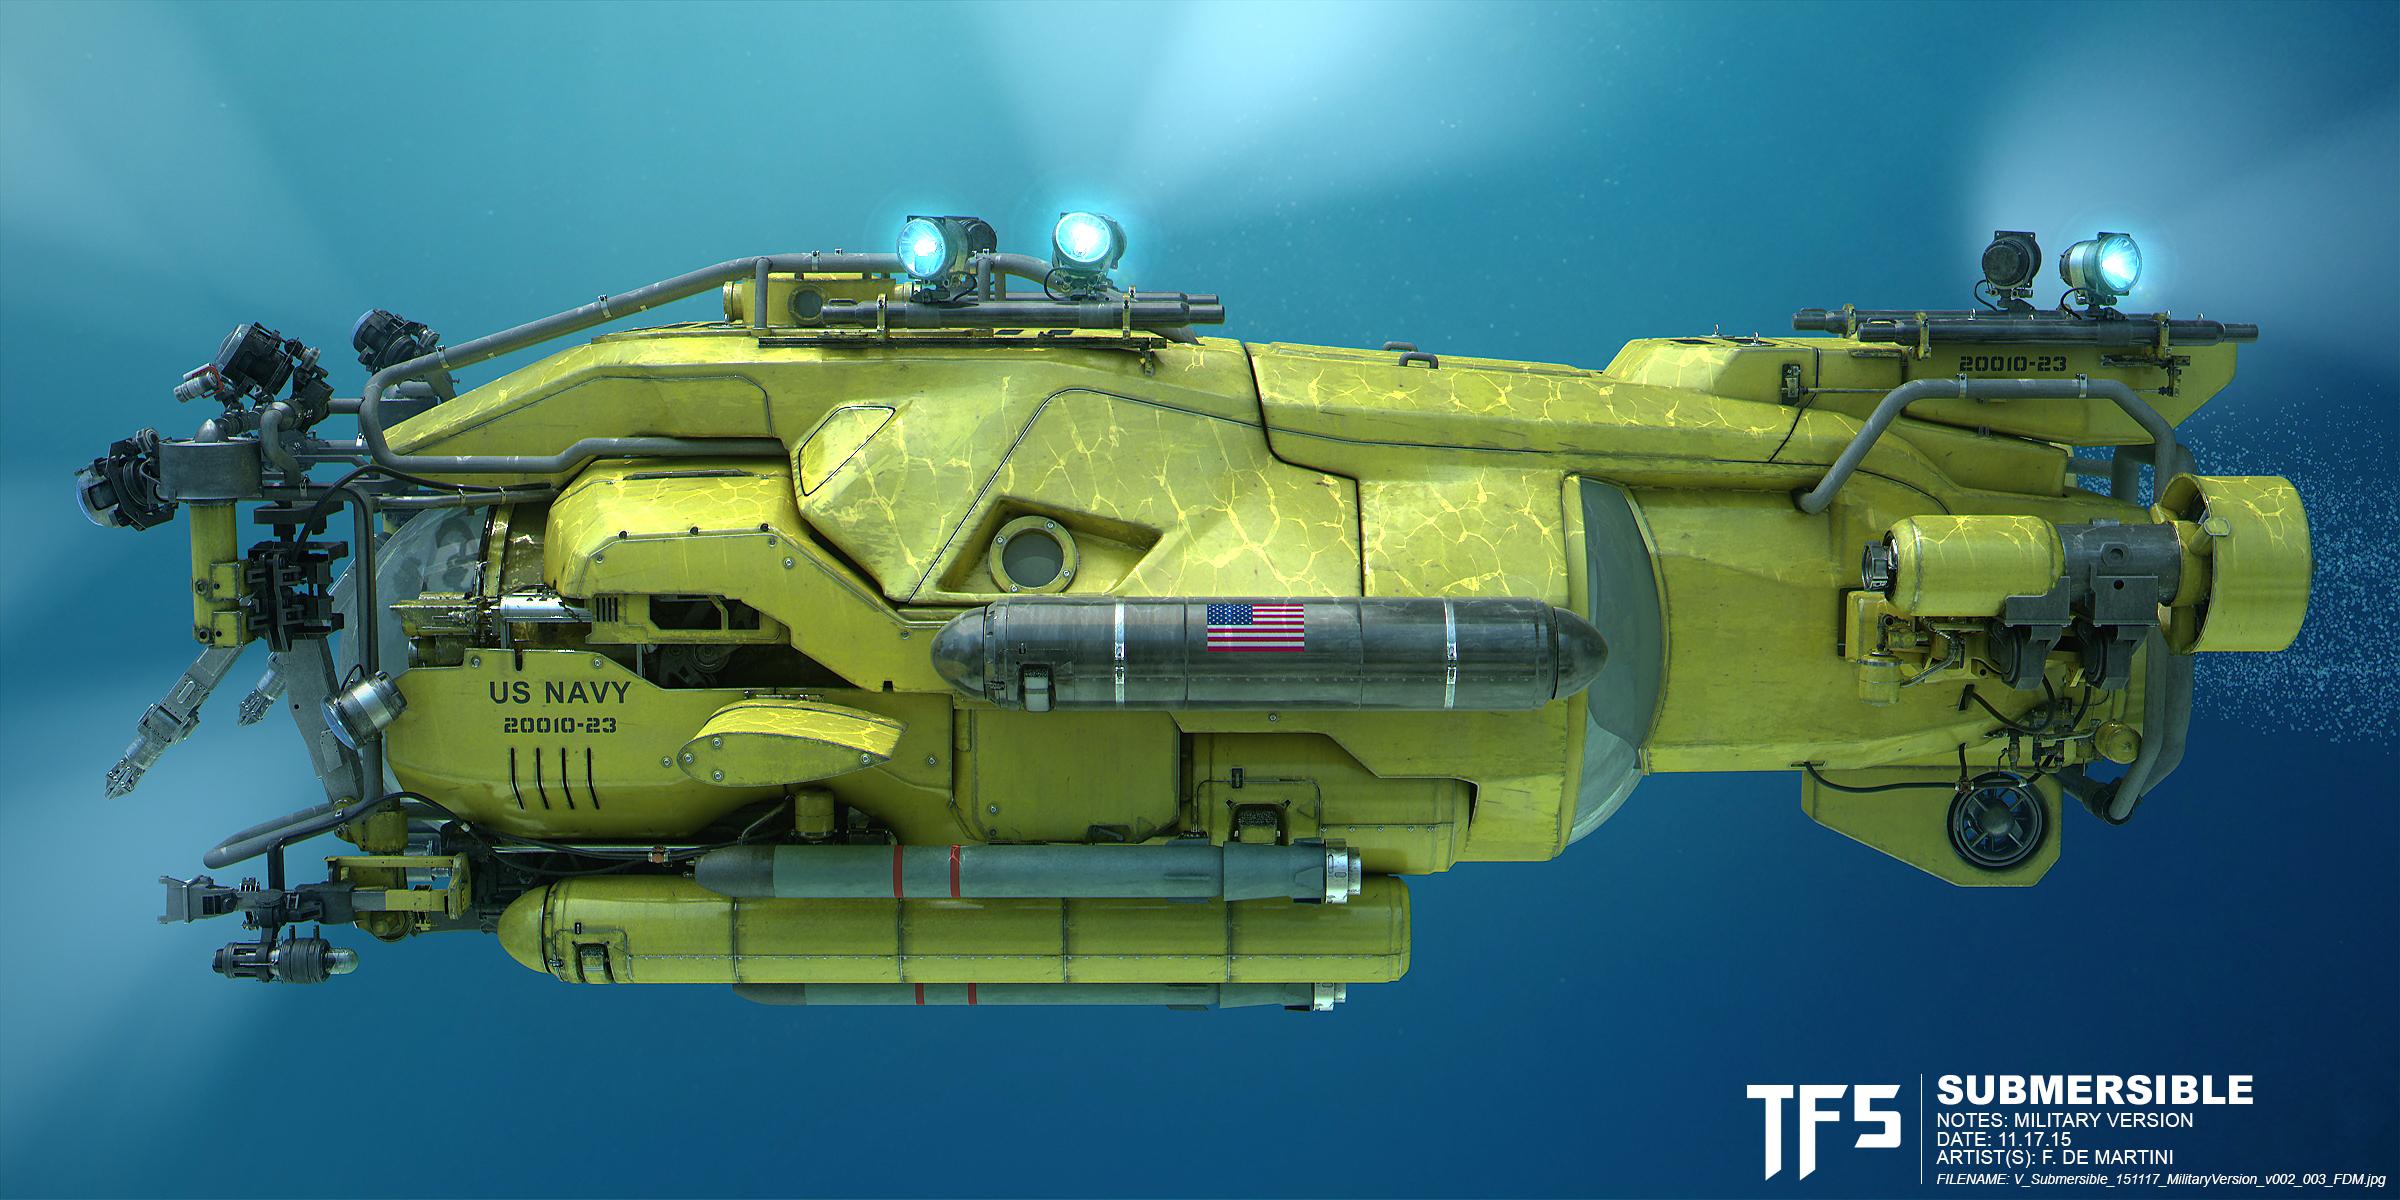 V_Submersible_151117_MilitaryVersion_v002_003_FDM.jpg